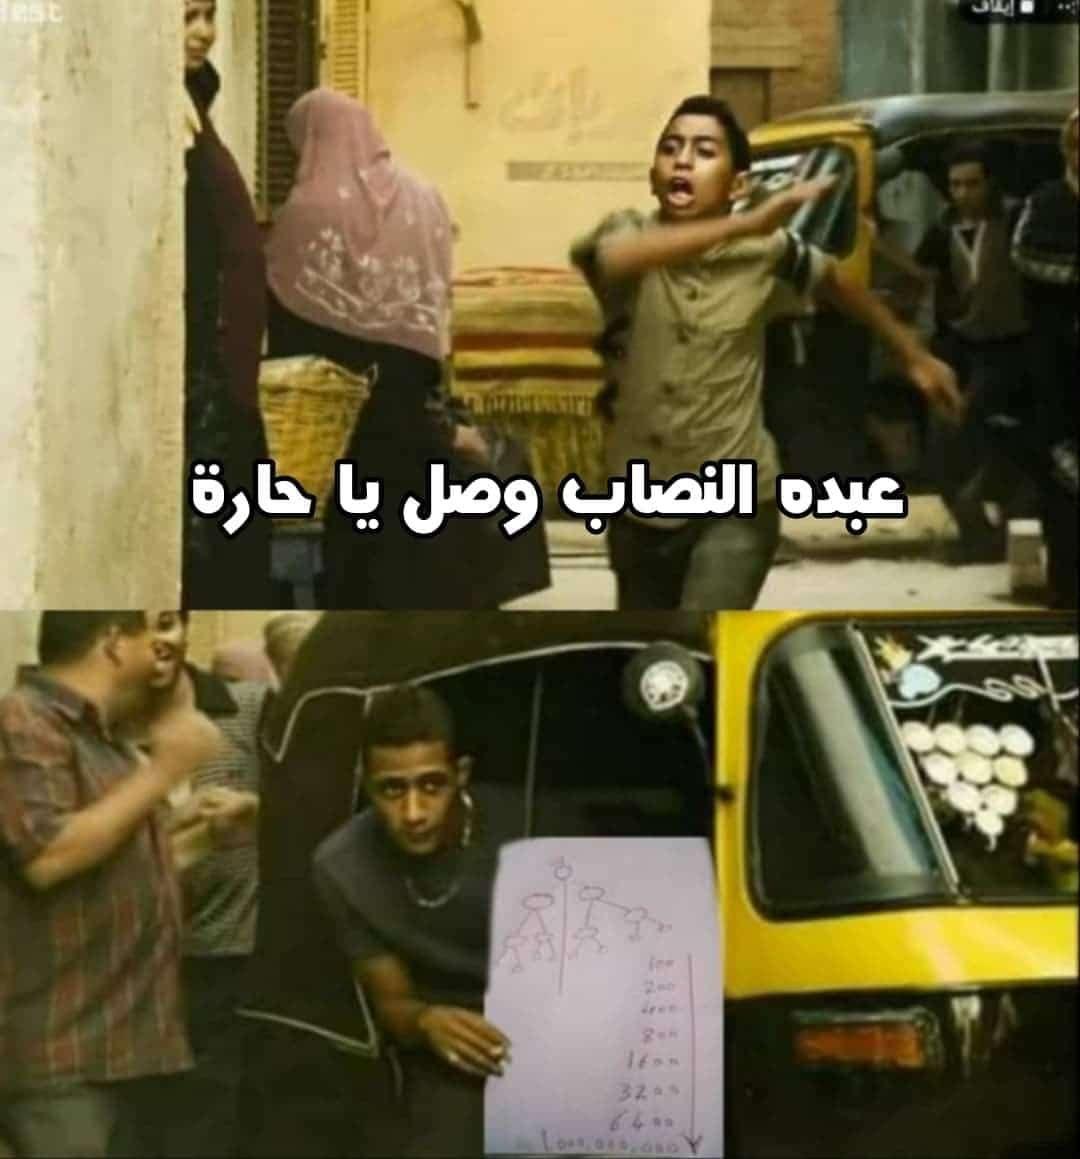 عبدة وصل يا حارة القصة وراء أفضل الميمز في آخر 10 سنوات على الإنترنت Poster Movies Movie Posters